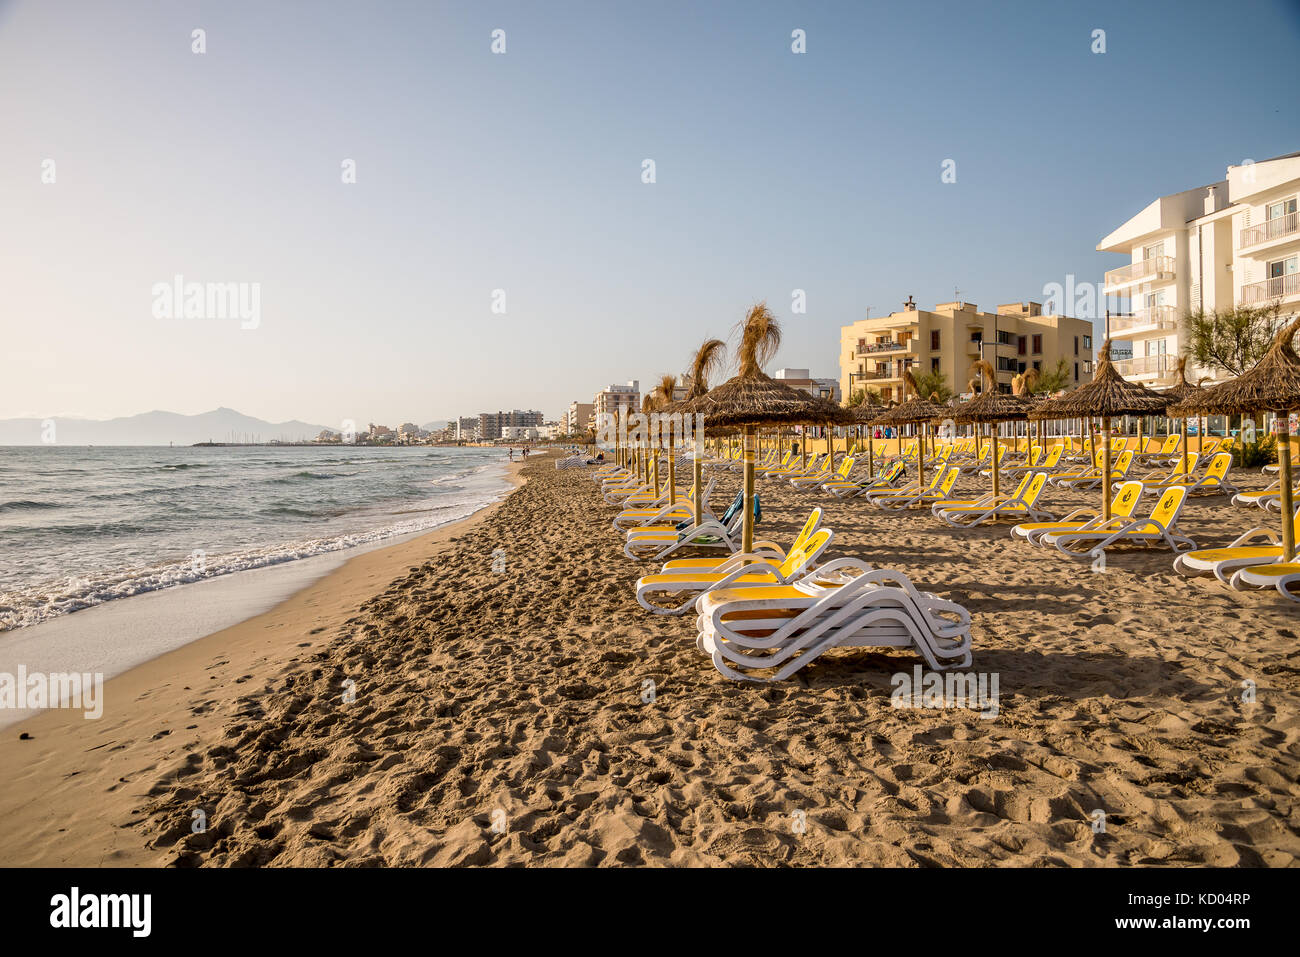 Playa de Muro beach view in Can Picafort, Alcudia Bay, Mallorca - Stock Image